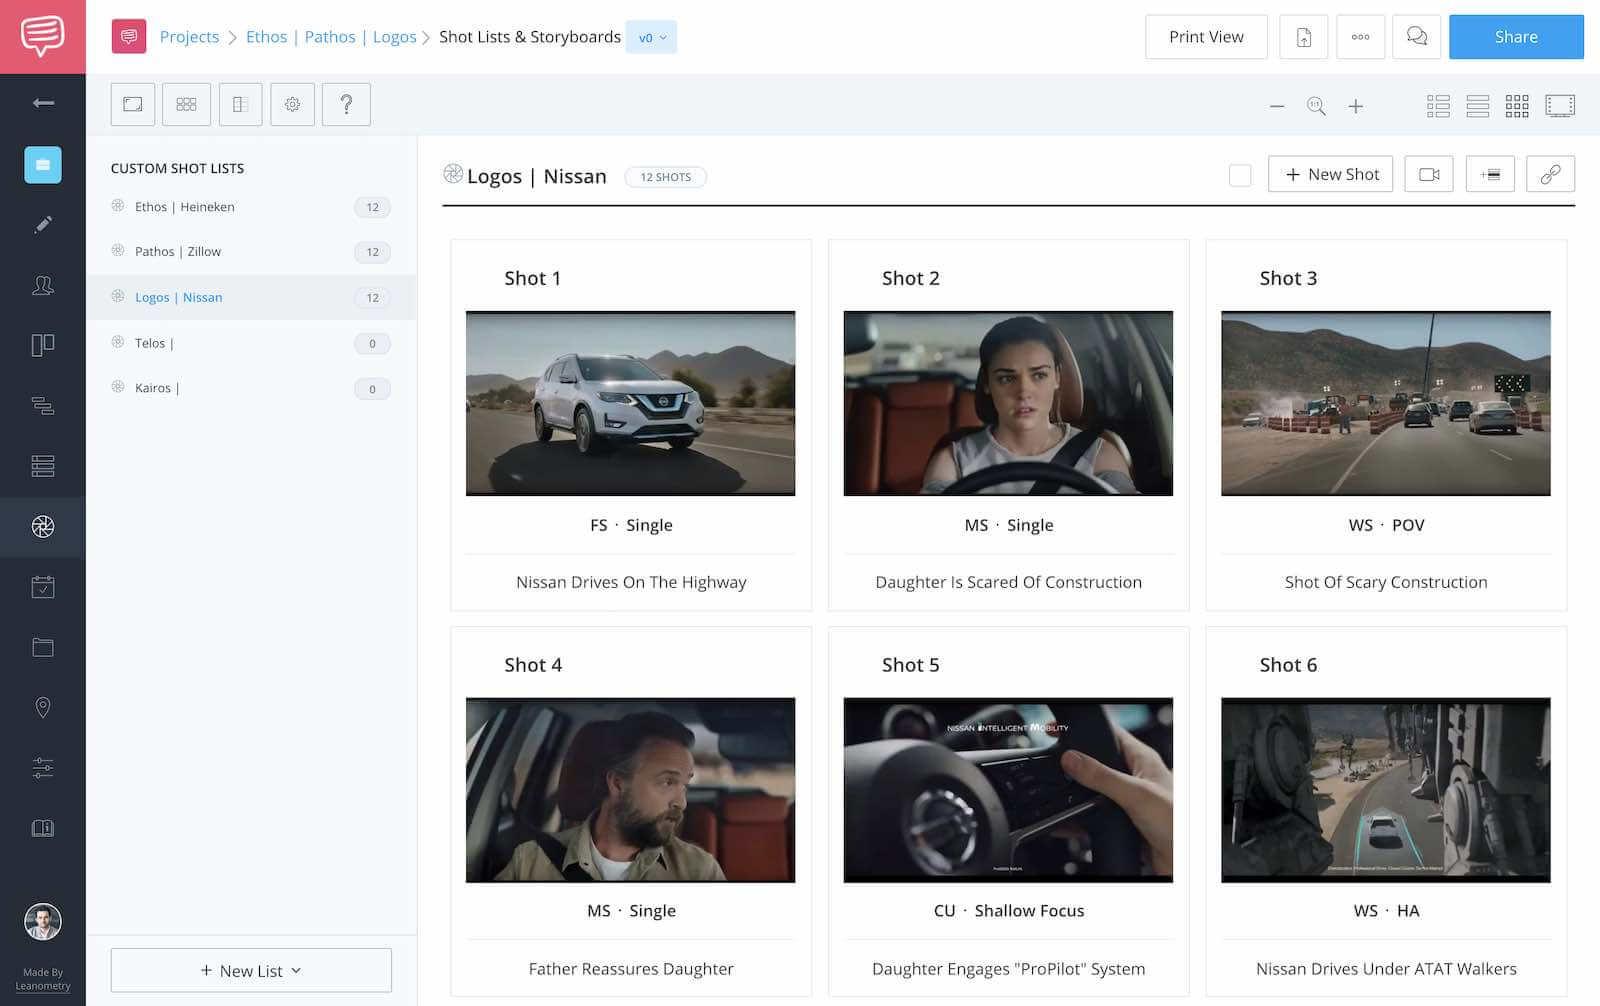 Ethos Pathos Logos - Logos Nissan Screenshot - StudioBinder